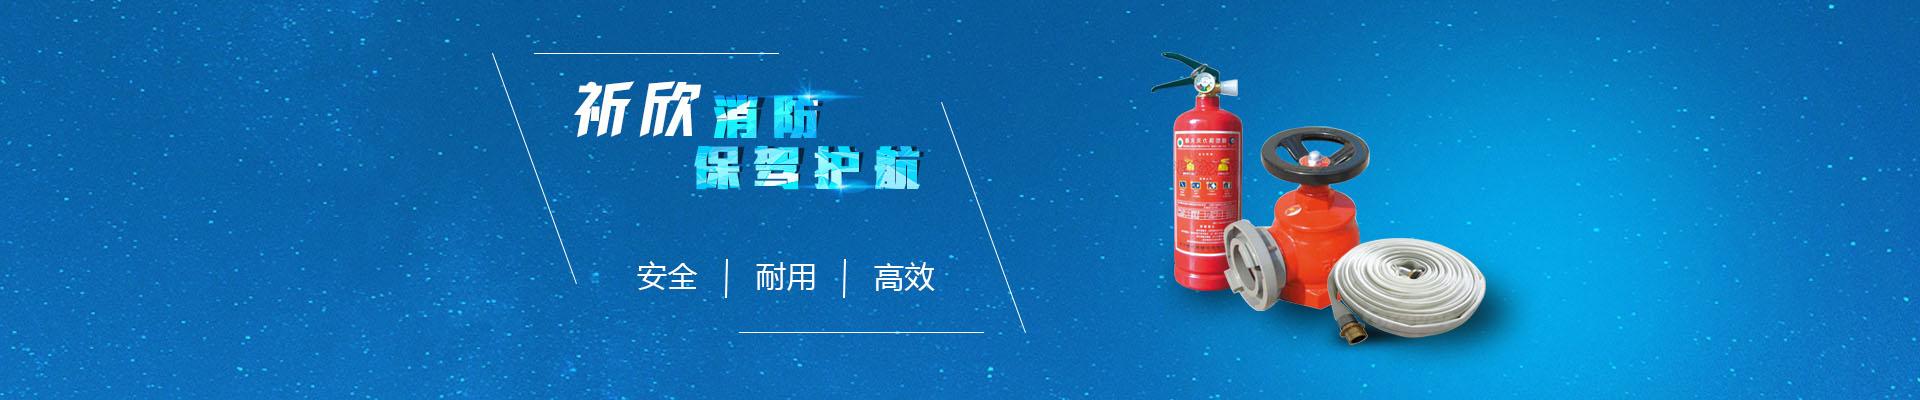 上海劳防用品直销